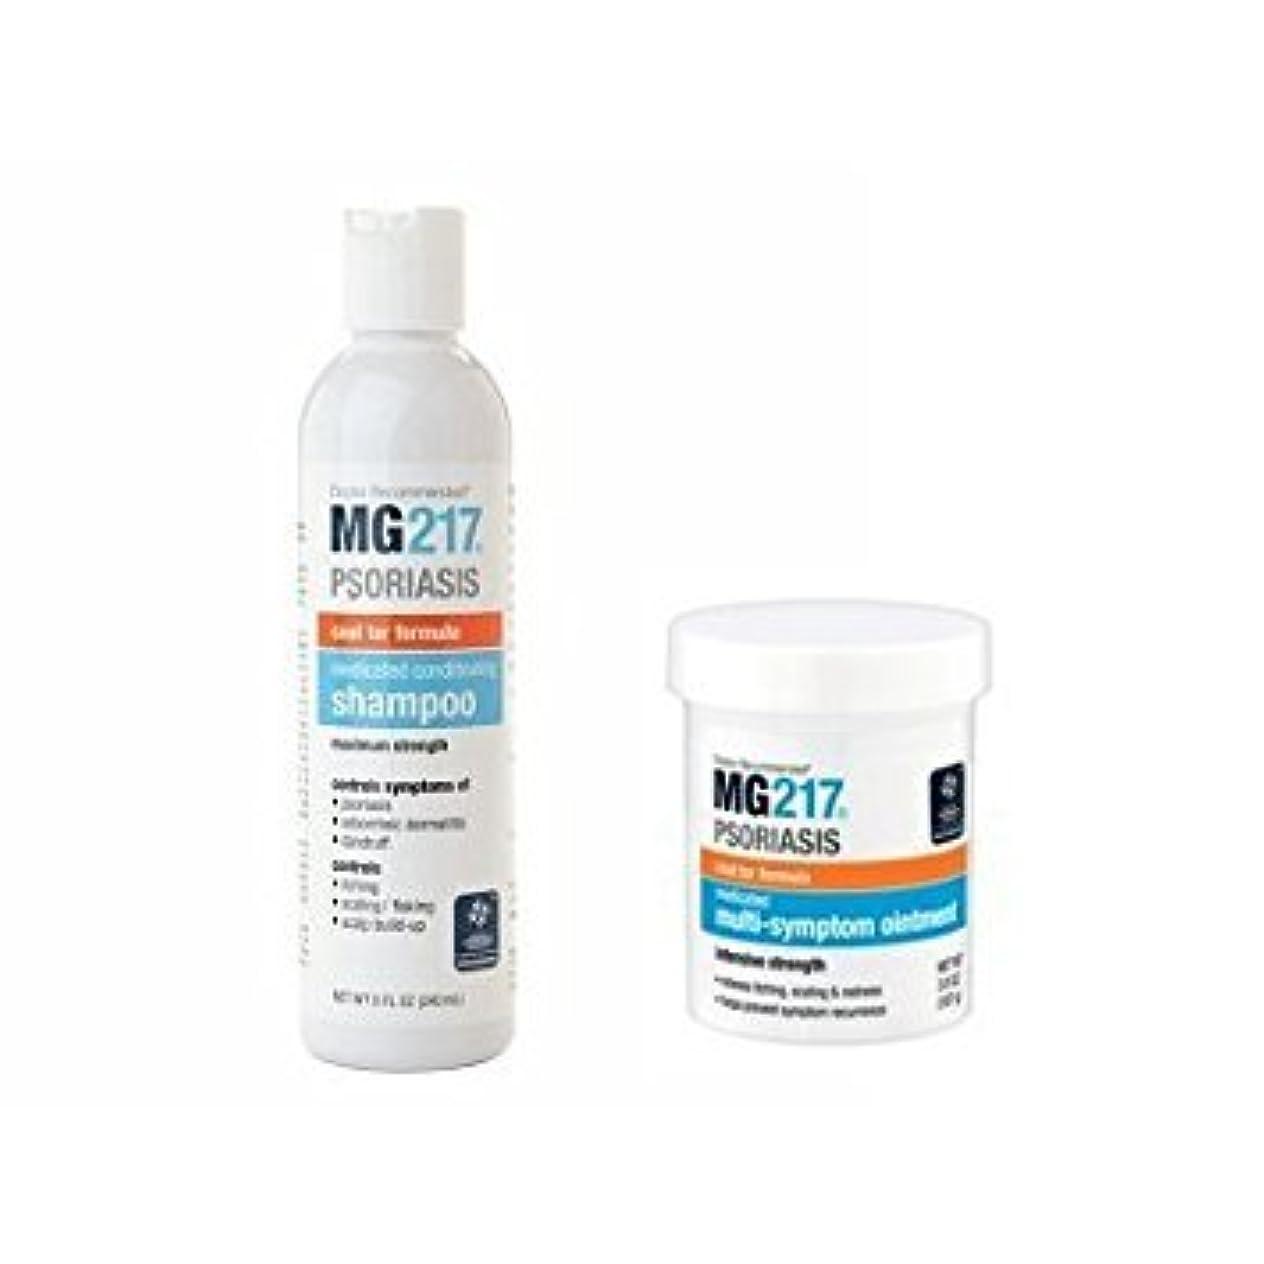 インシデントプロフェッショナルトリム国際乾癬協会推奨商品 乾癬用 MG217 シャンプー&軟膏セット 240ml/107ml Psoriasis Medicated Conditioning Shampoo, MG217 Psoriasis Cream set [並行輸入品]